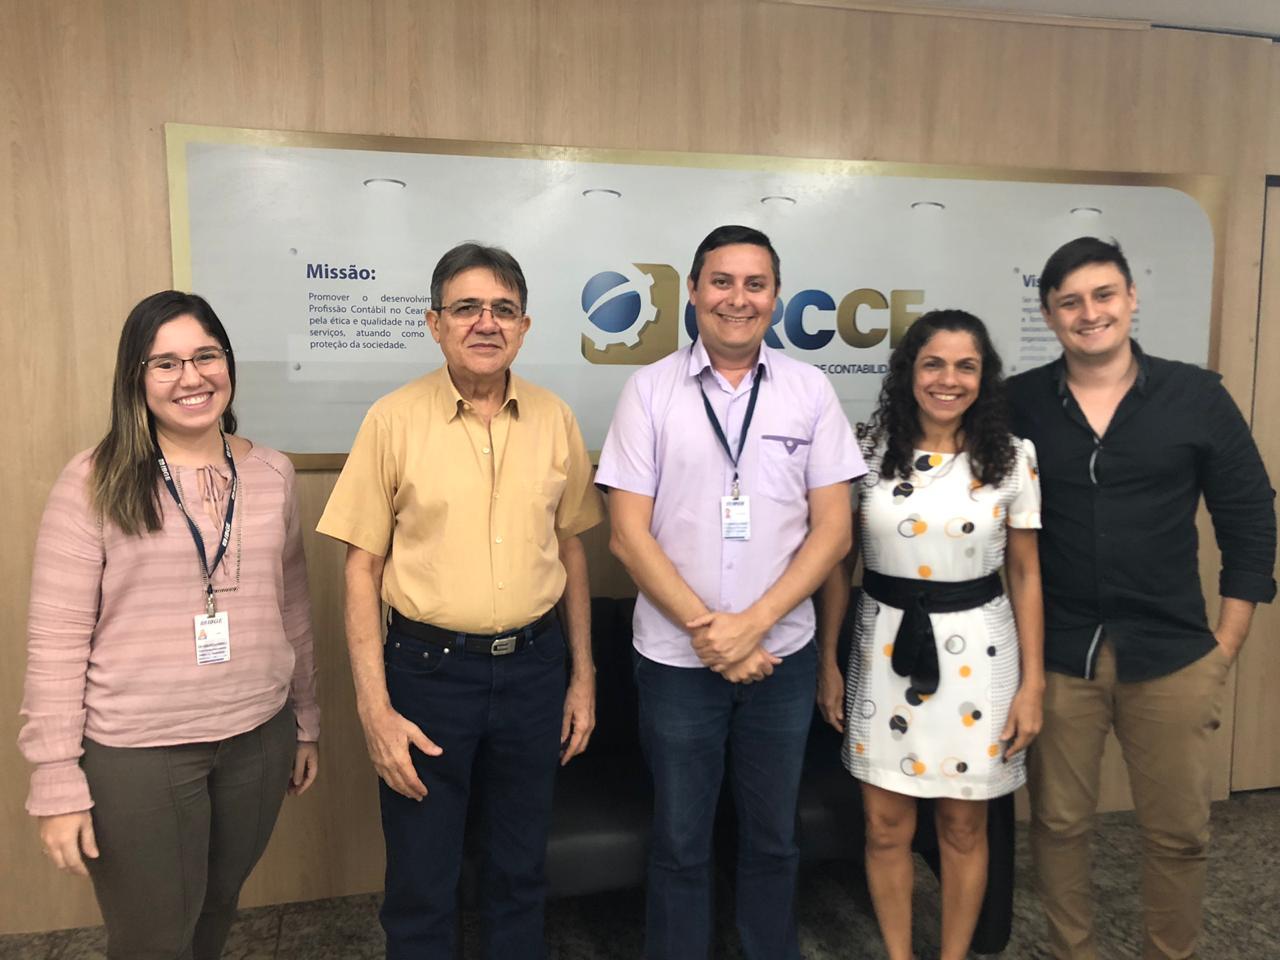 CRCCE firma parceria com IBGE para capacitação da classe contábil com o objetivo de acessar informações das pesquisas